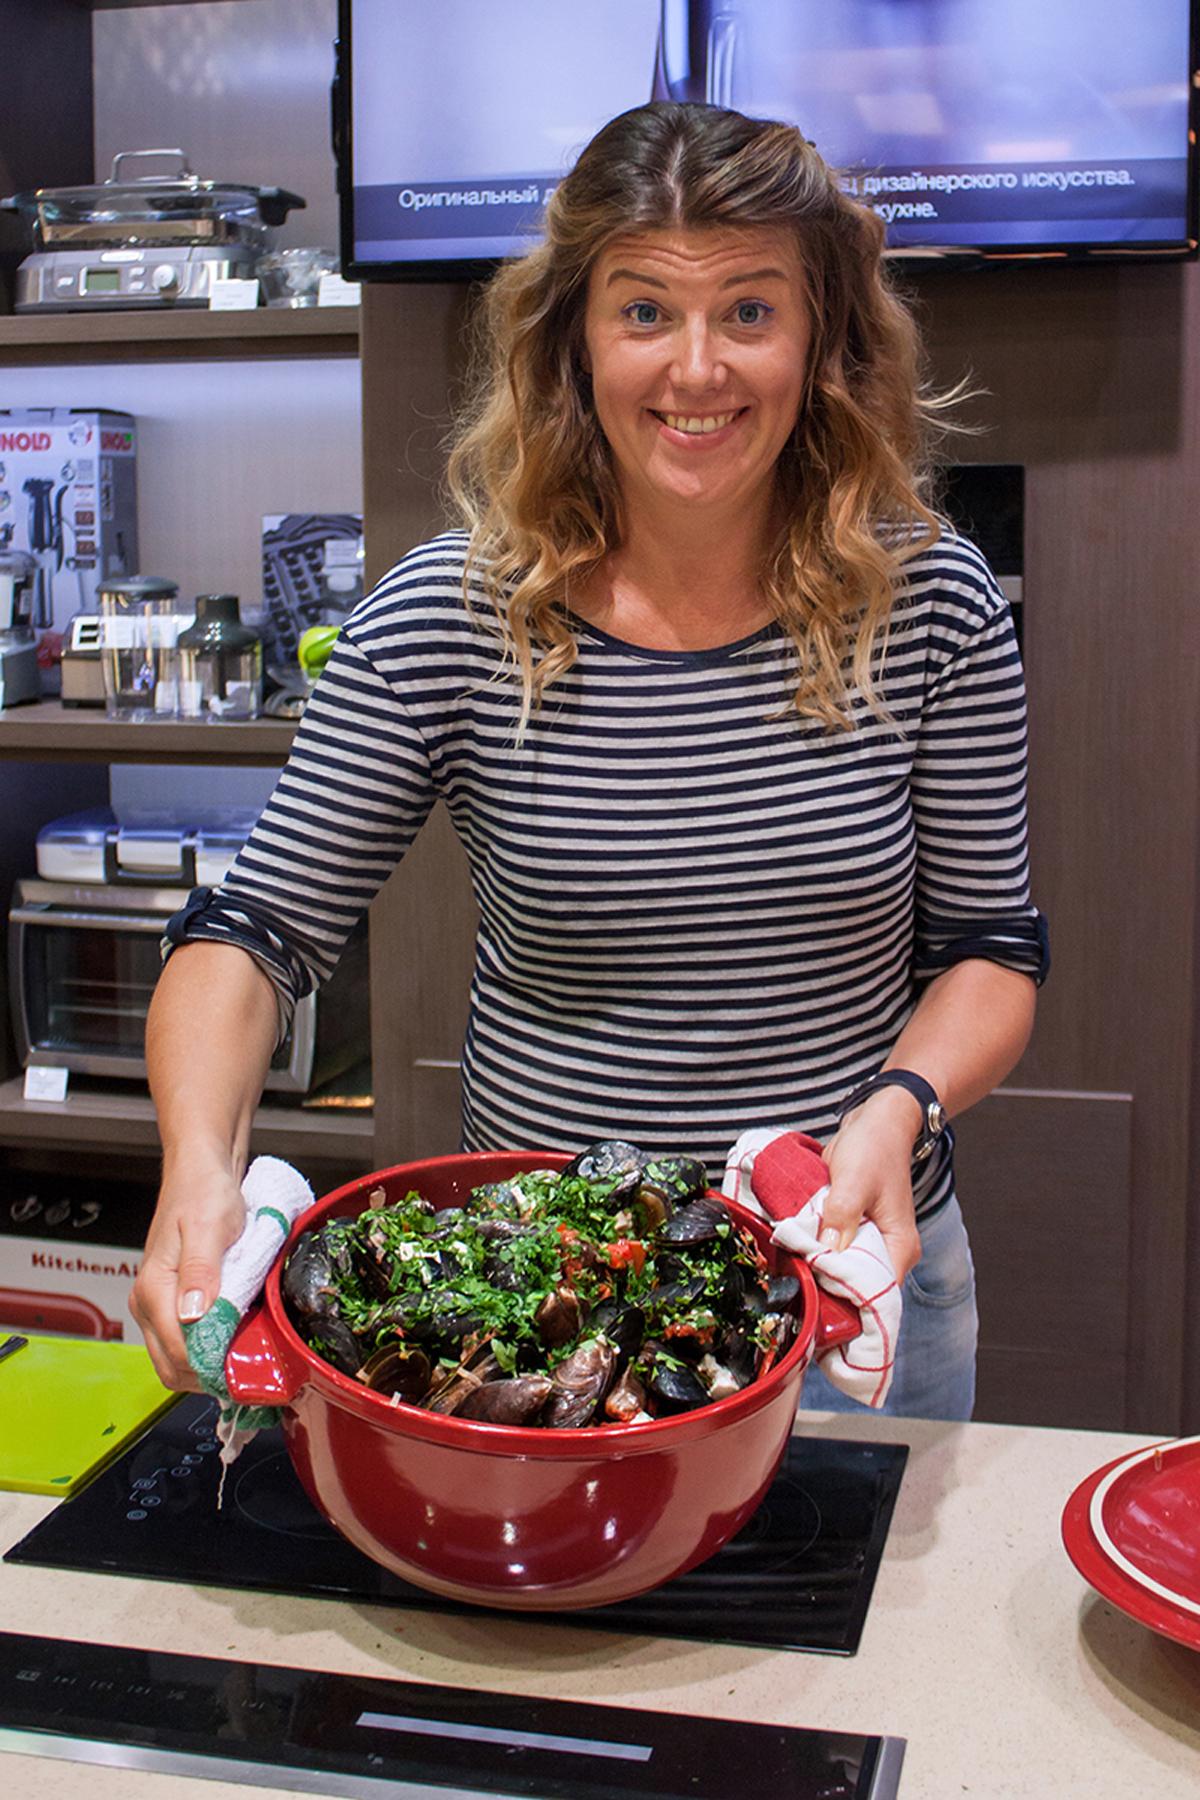 Локаворство - урок для клиентов сети Promenu, посвященный локальной кухне. Кулинарные мастер-классы в Одессе от кулинарного блогера Марии Каленской.